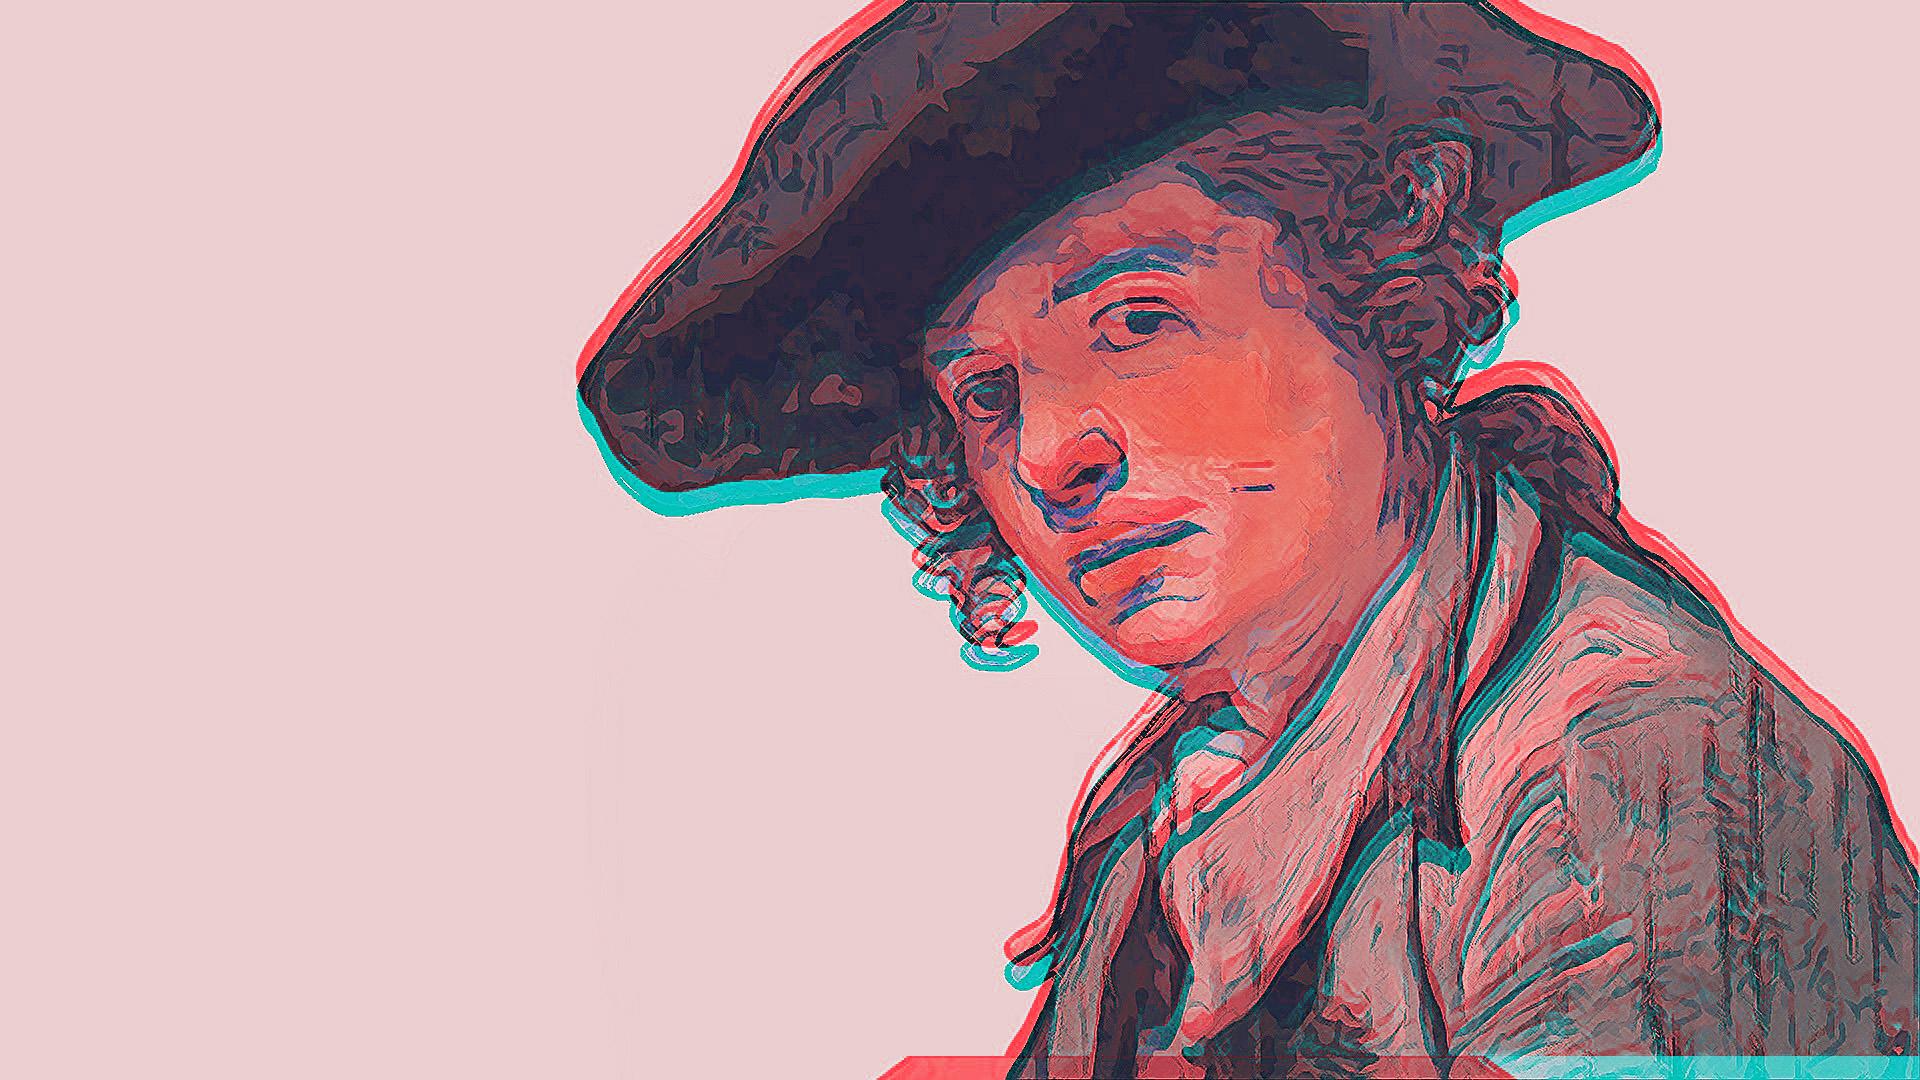 Egy szexőrült budai ficsúr volt Jean-Jacques Rousseau legjobb barátja